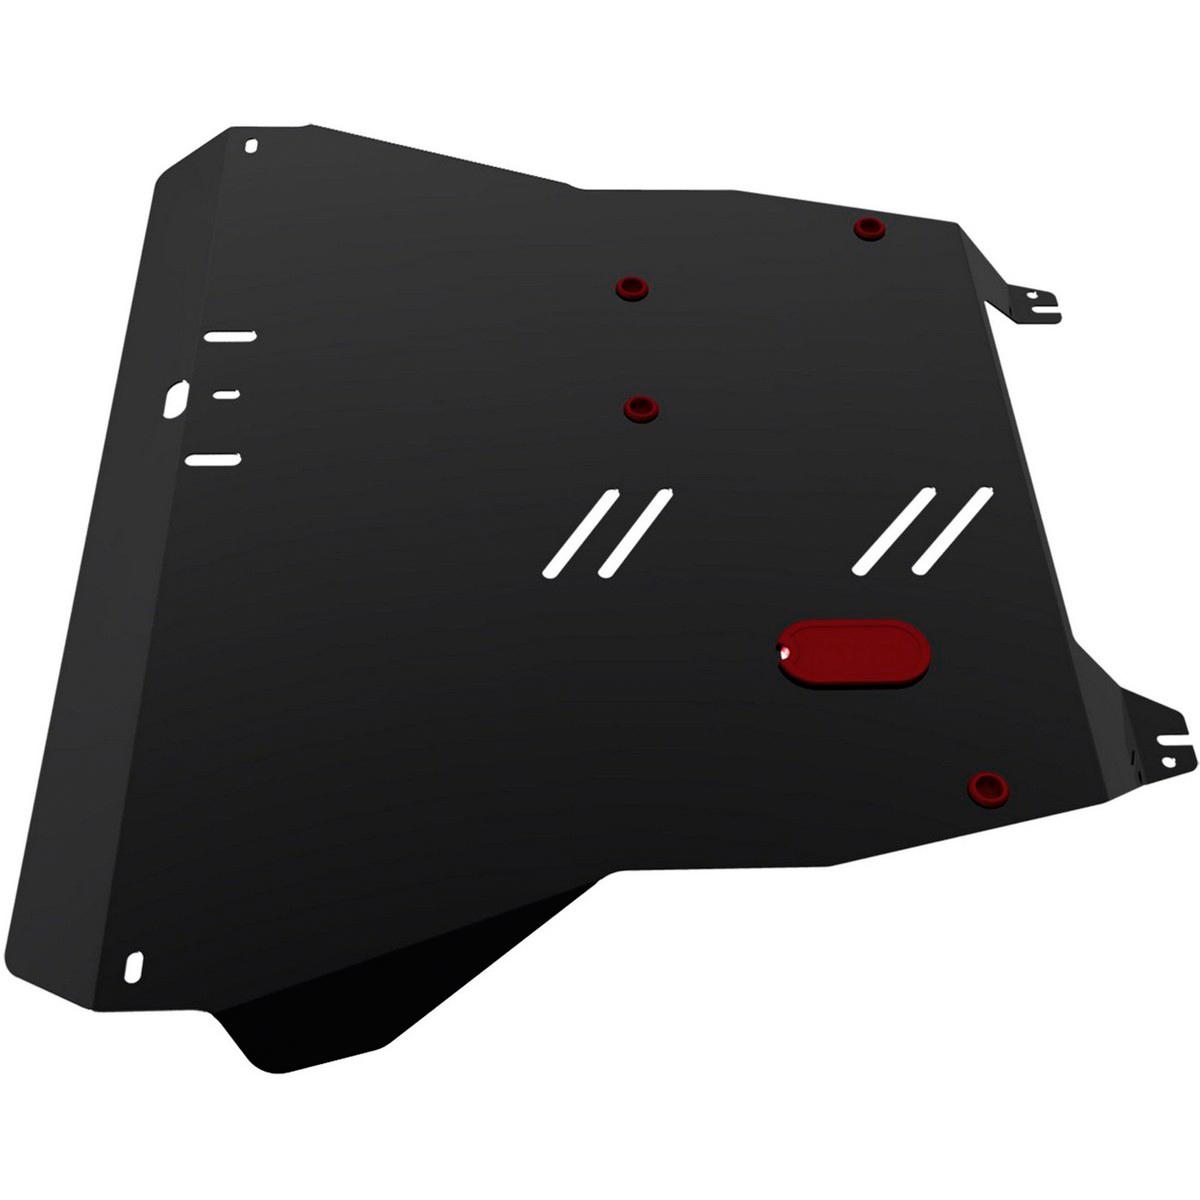 Защита картера и КПП Автоброня Kia Spectra 2004-2011, сталь 2 мм111.02812.1Защита картера и КПП Автоброня Kia Spectra, V - 1,6 2004-2011, сталь 2 мм, комплект крепежа, 111.02812.1Стальные защиты Автоброня надежно защищают ваш автомобиль от повреждений при наезде на бордюры, выступающие канализационные люки, кромки поврежденного асфальта или при ремонте дорог, не говоря уже о загородных дорогах. - Имеют оптимальное соотношение цена-качество. - Спроектированы с учетом особенностей автомобиля, что делает установку удобной. - Защита устанавливается в штатные места кузова автомобиля. - Является надежной защитой для важных элементов на протяжении долгих лет. - Глубокий штамп дополнительно усиливает конструкцию защиты. - Подштамповка в местах крепления защищает крепеж от срезания. - Технологические отверстия там, где они необходимы для смены масла и слива воды, оборудованные заглушками, закрепленными на защите. Толщина стали 2 мм. В комплекте крепеж и инструкция по установке.